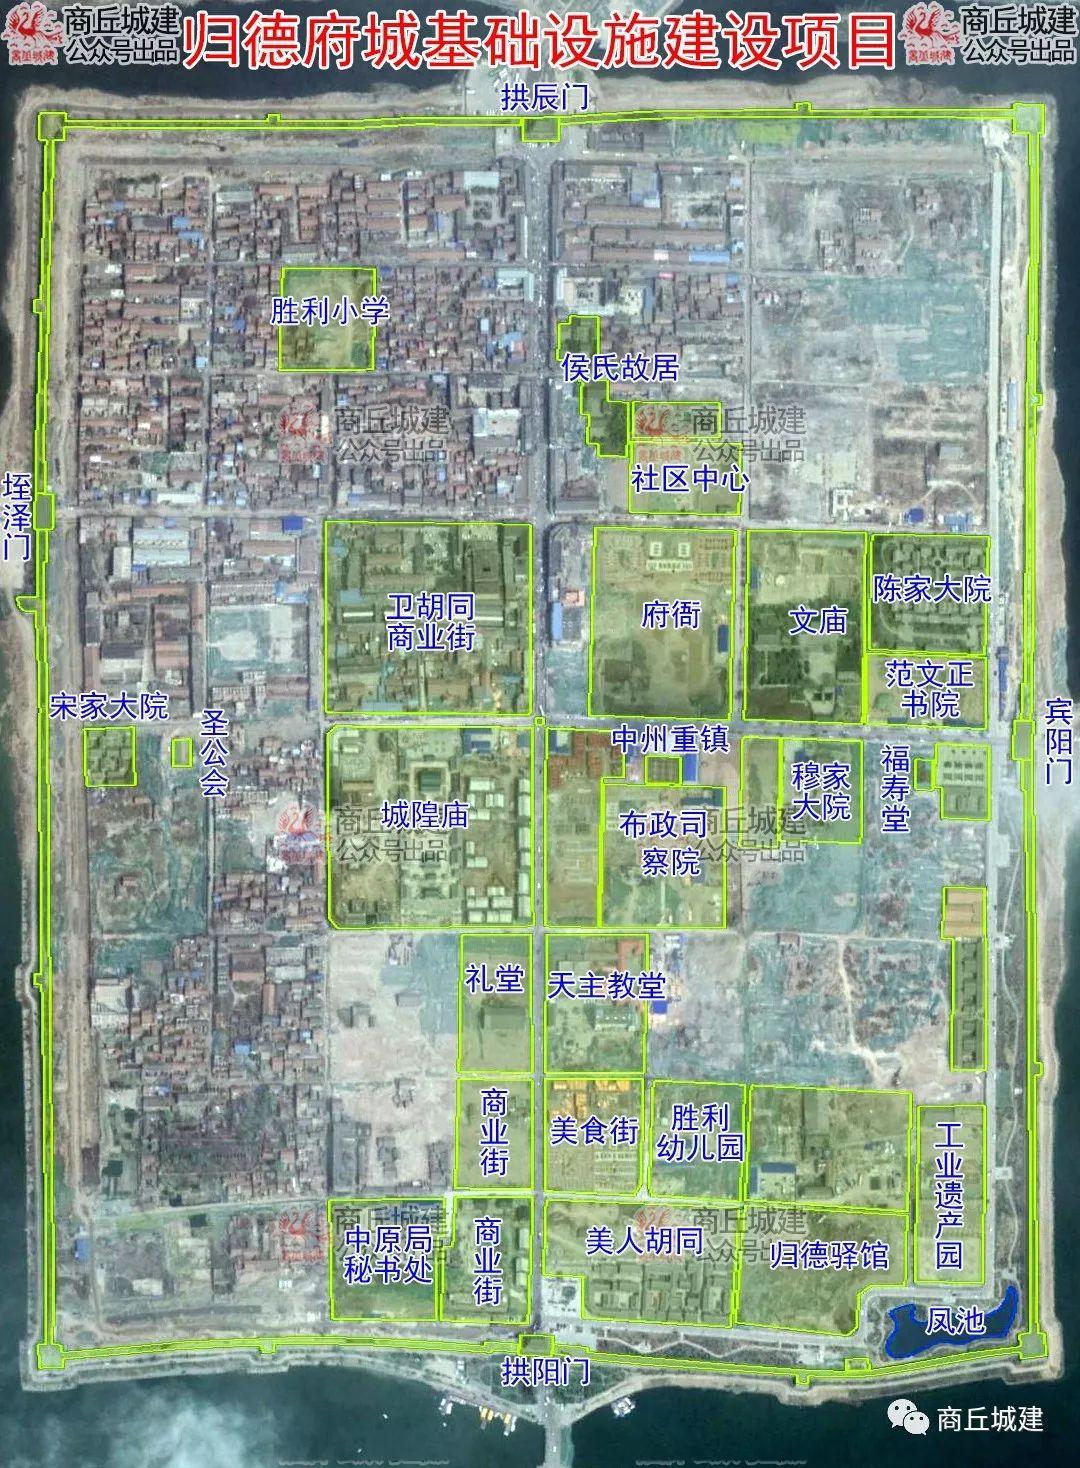 商丘市梁园路新建工程和归德府城基础设施建设项目